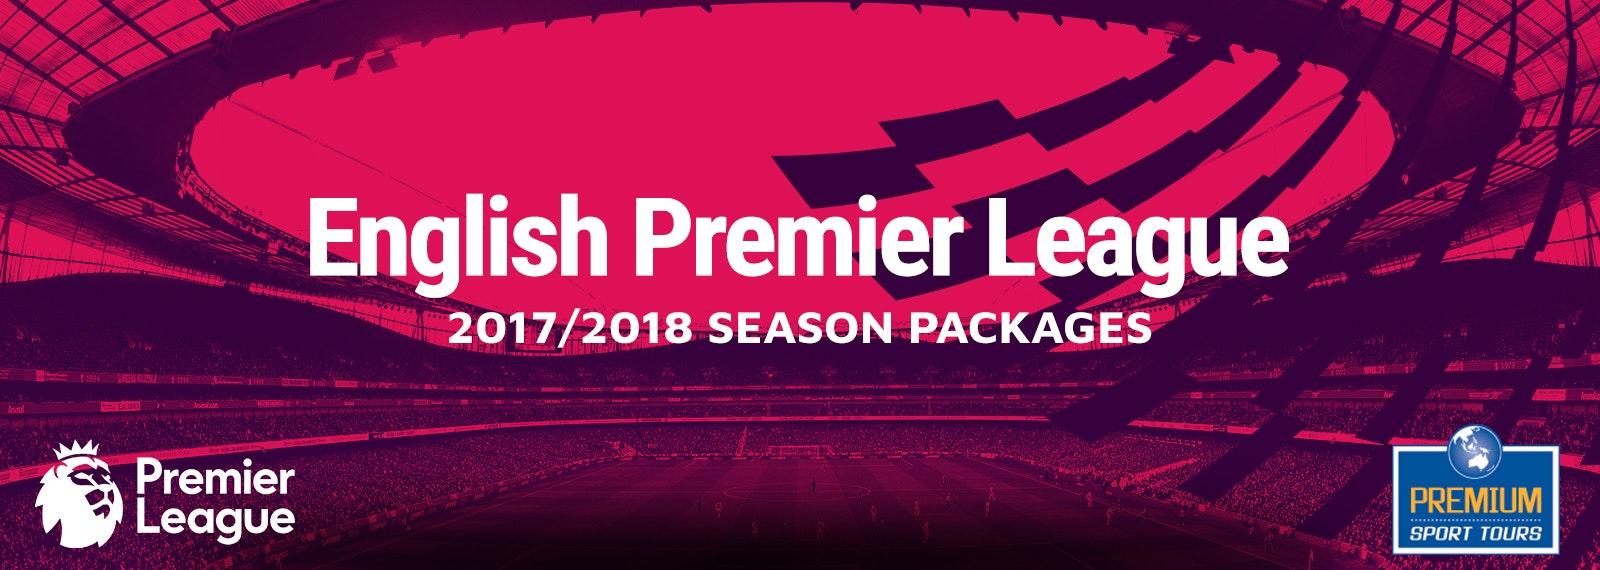 Premium Sport Tours English Premier League Packages